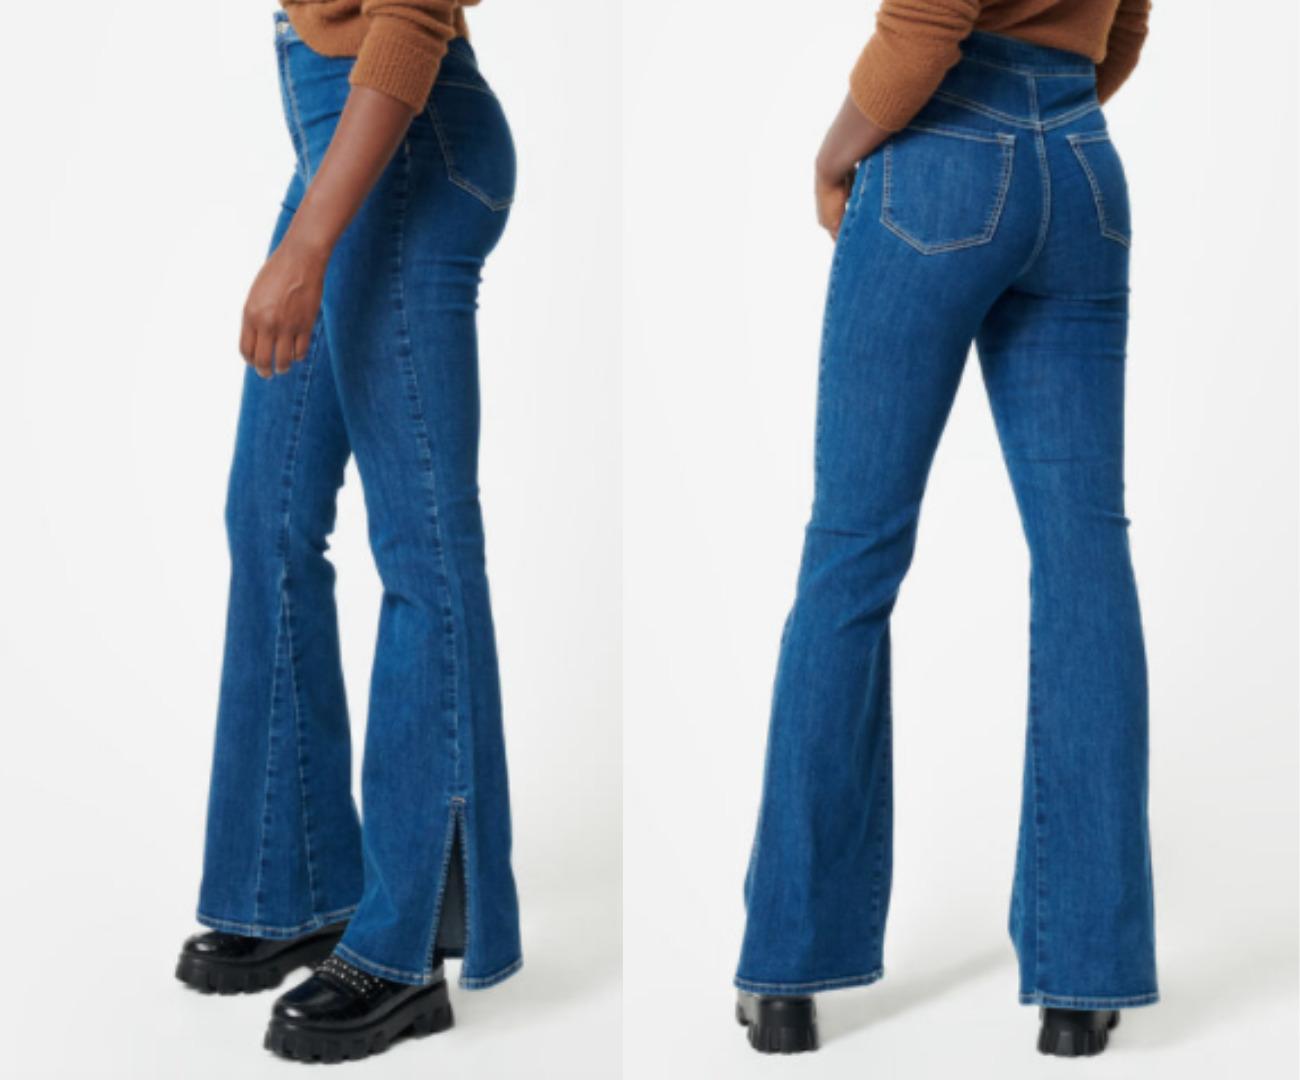 Réveillez votre look de rentrée avec ces jeans originaux